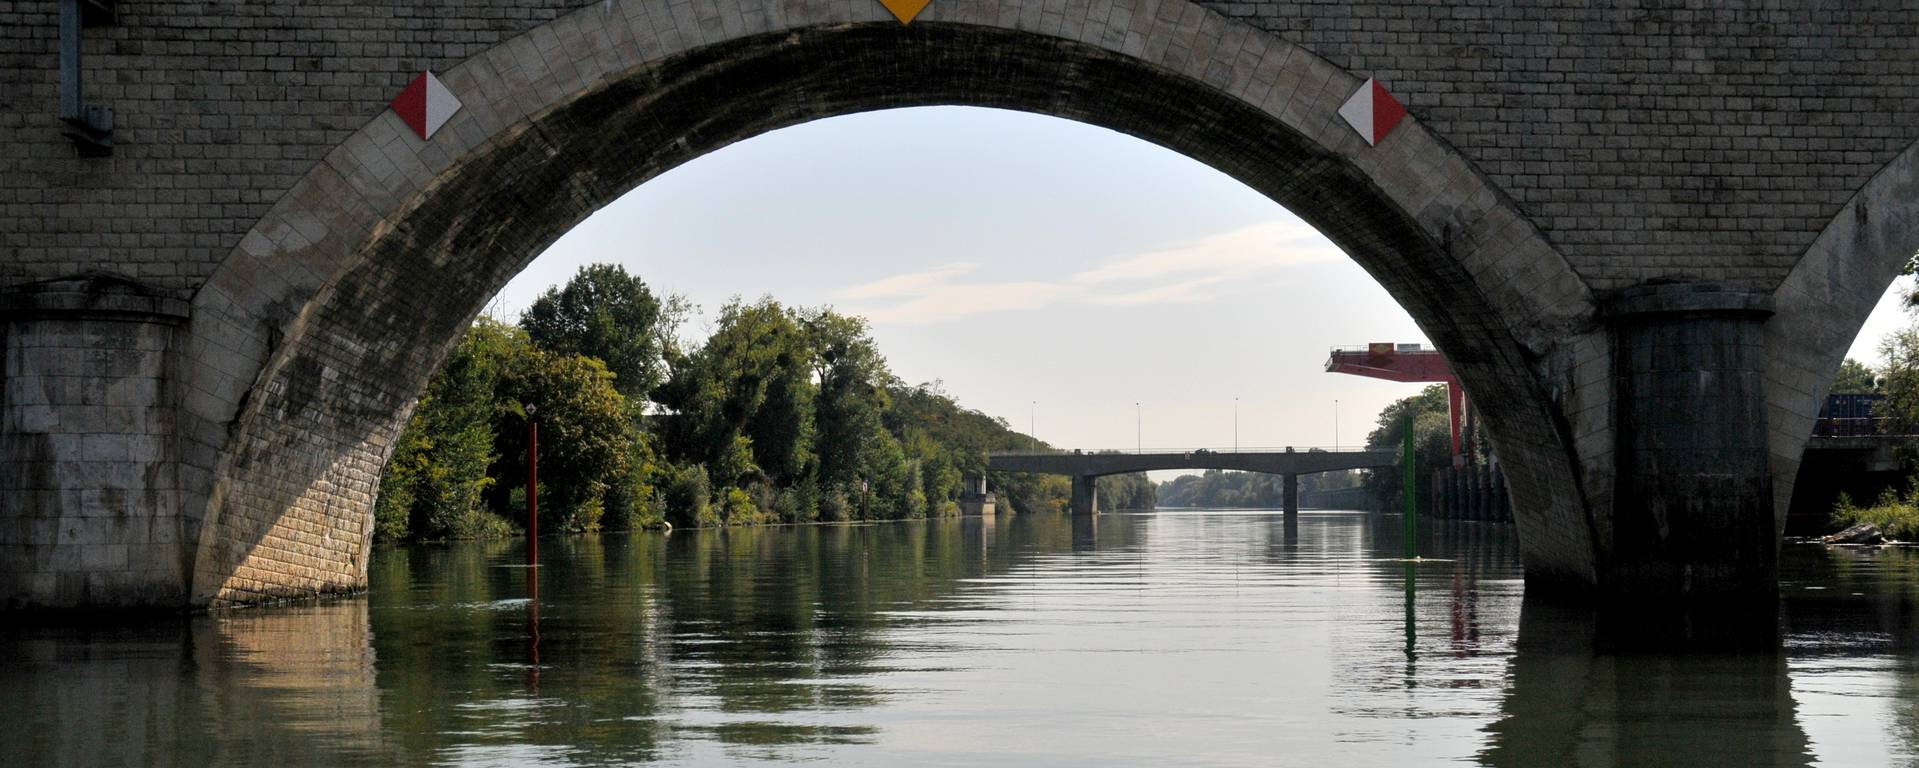 Croisière sur la  Seine - © Valerie Evrard